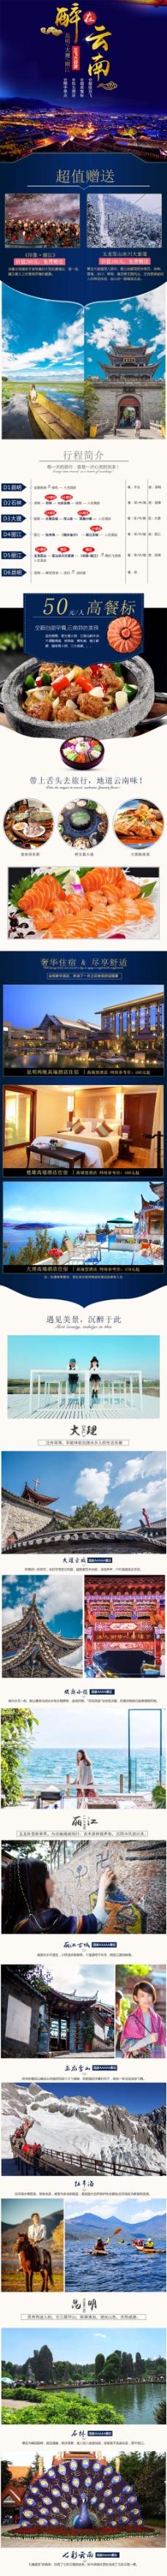 云南古城旅游淘宝天猫详情页模板